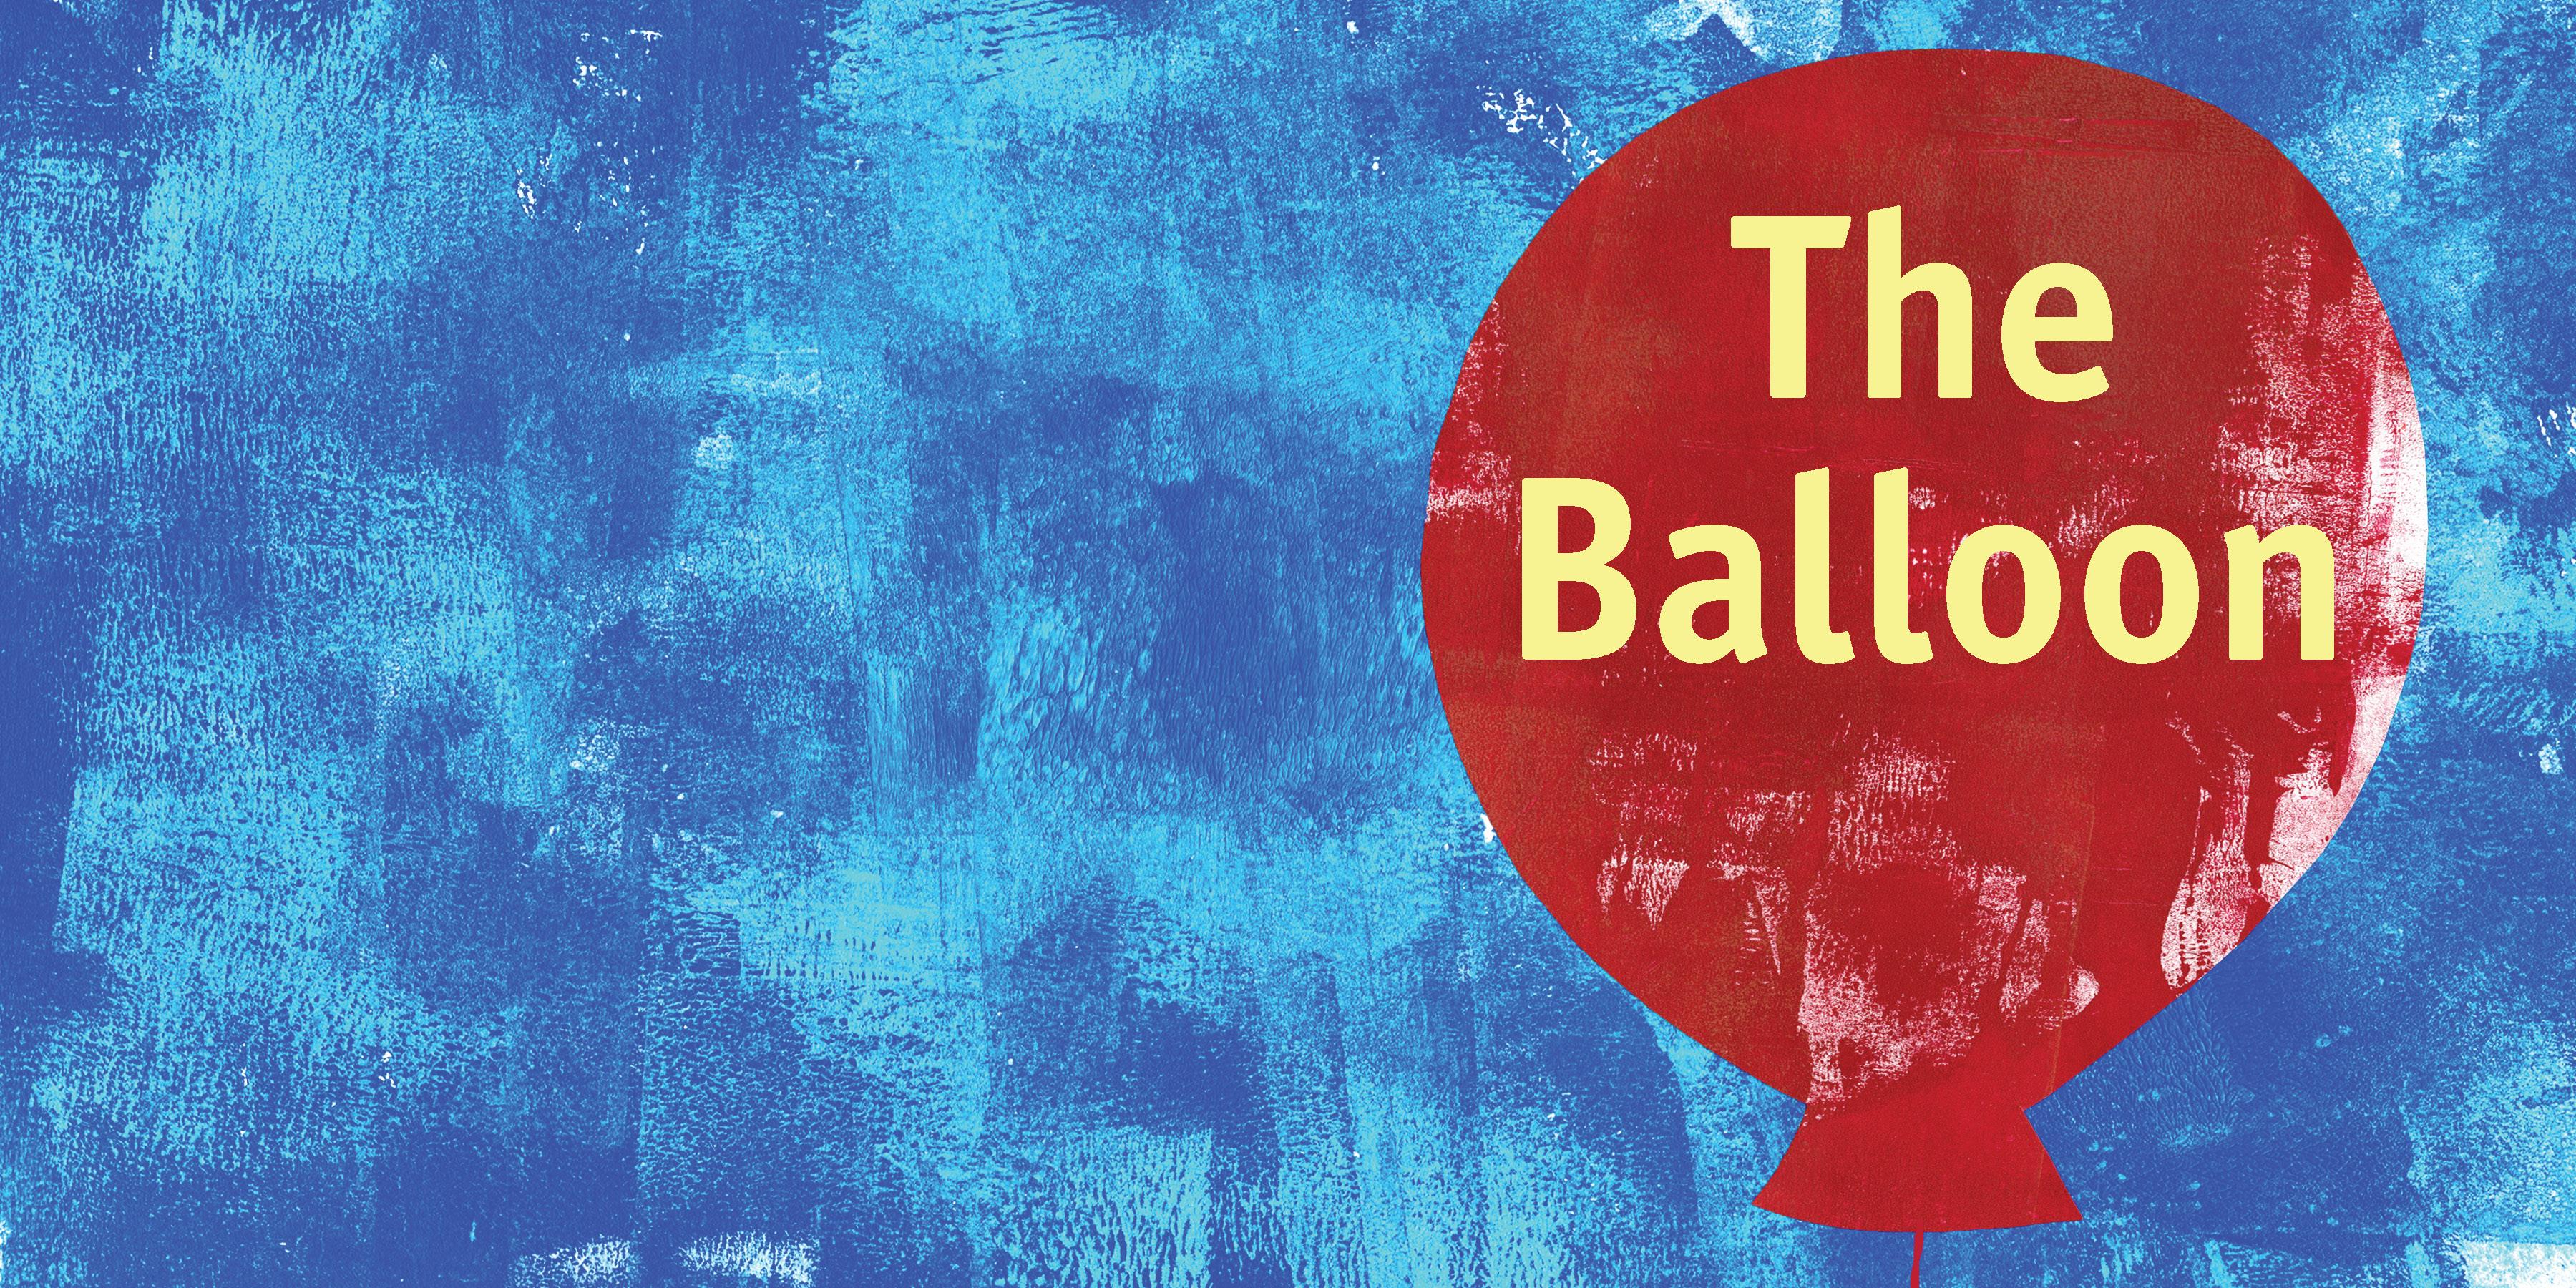 The Balloon-Book Cover